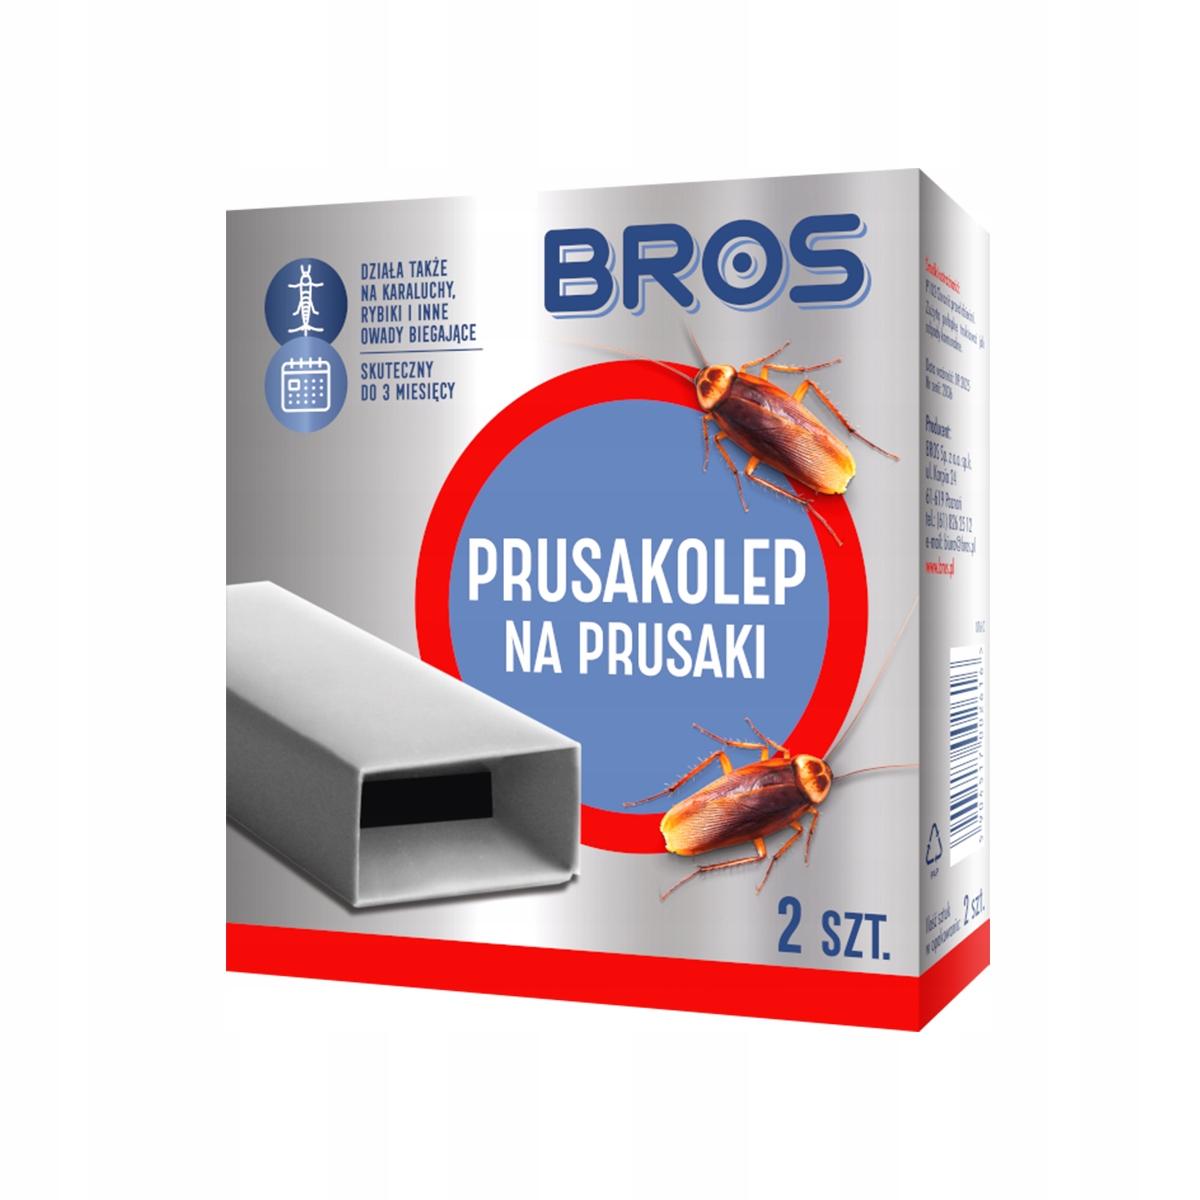 Братья Прусаколеп ловушка для немецких тараканов - 2 штуки